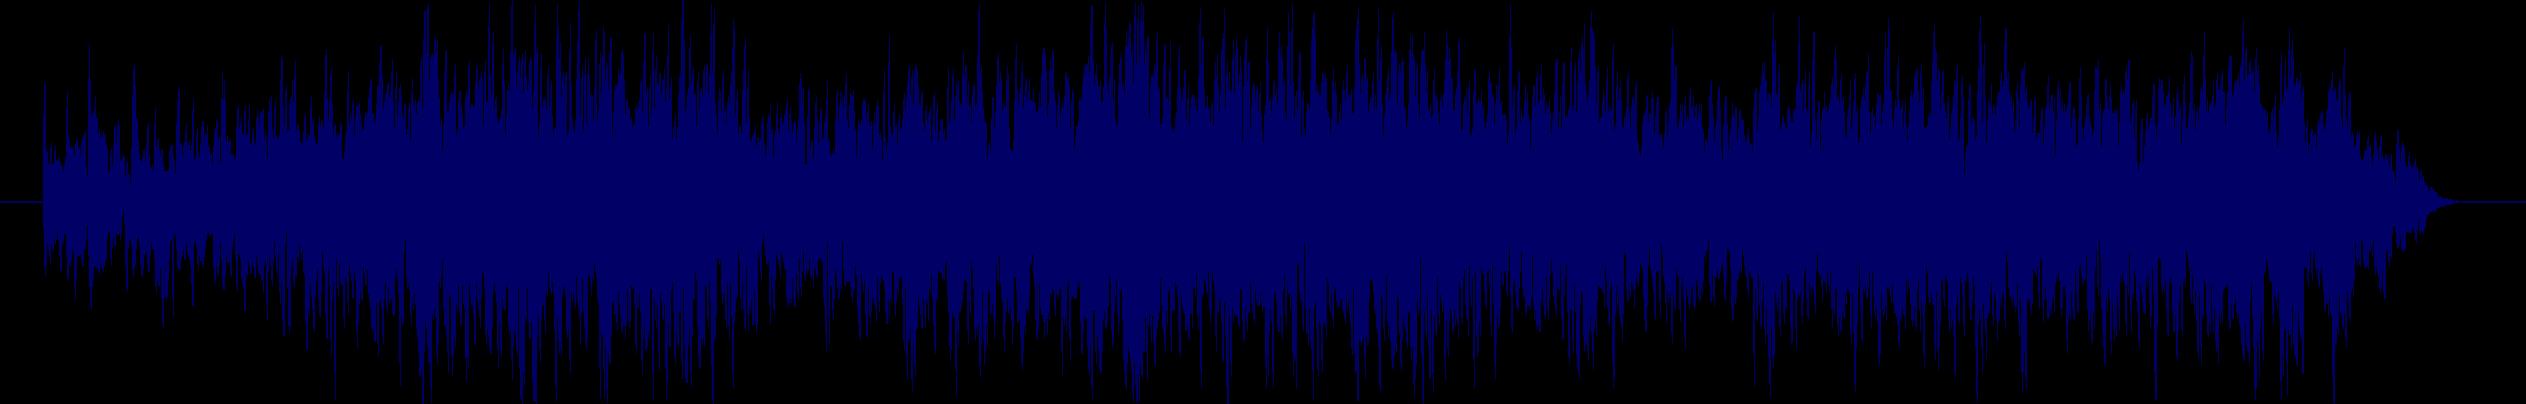 waveform of track #112588